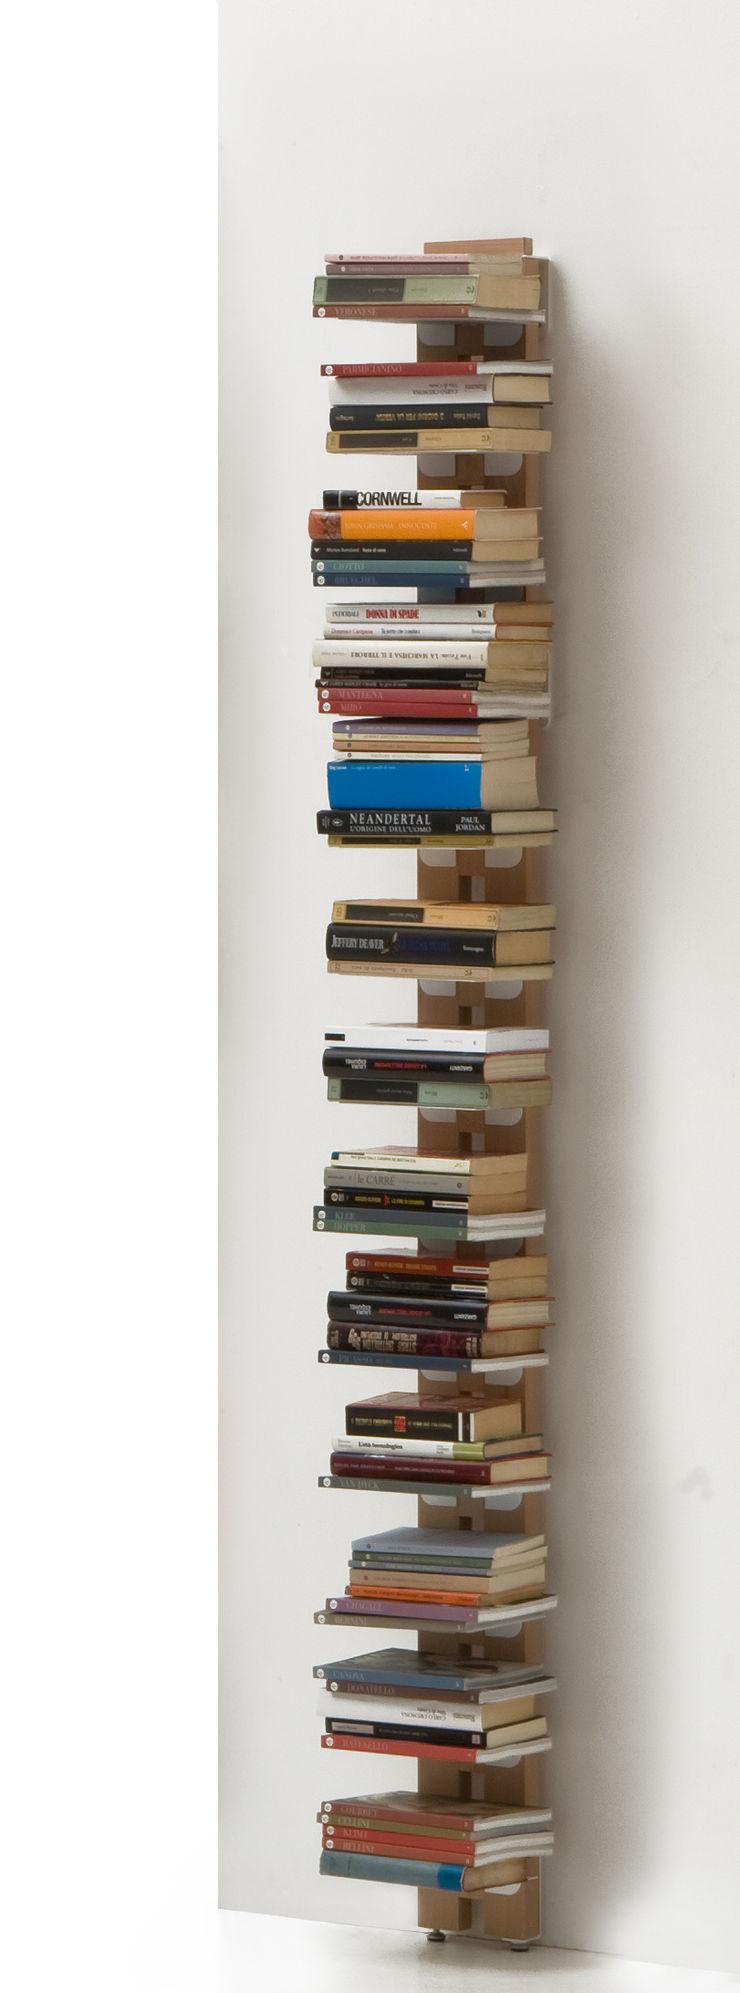 Zia Ortensia | Wall bookshelf | h 195 cm Le zie di Milano HogarArtículos del hogar Madera maciza Acabado en madera